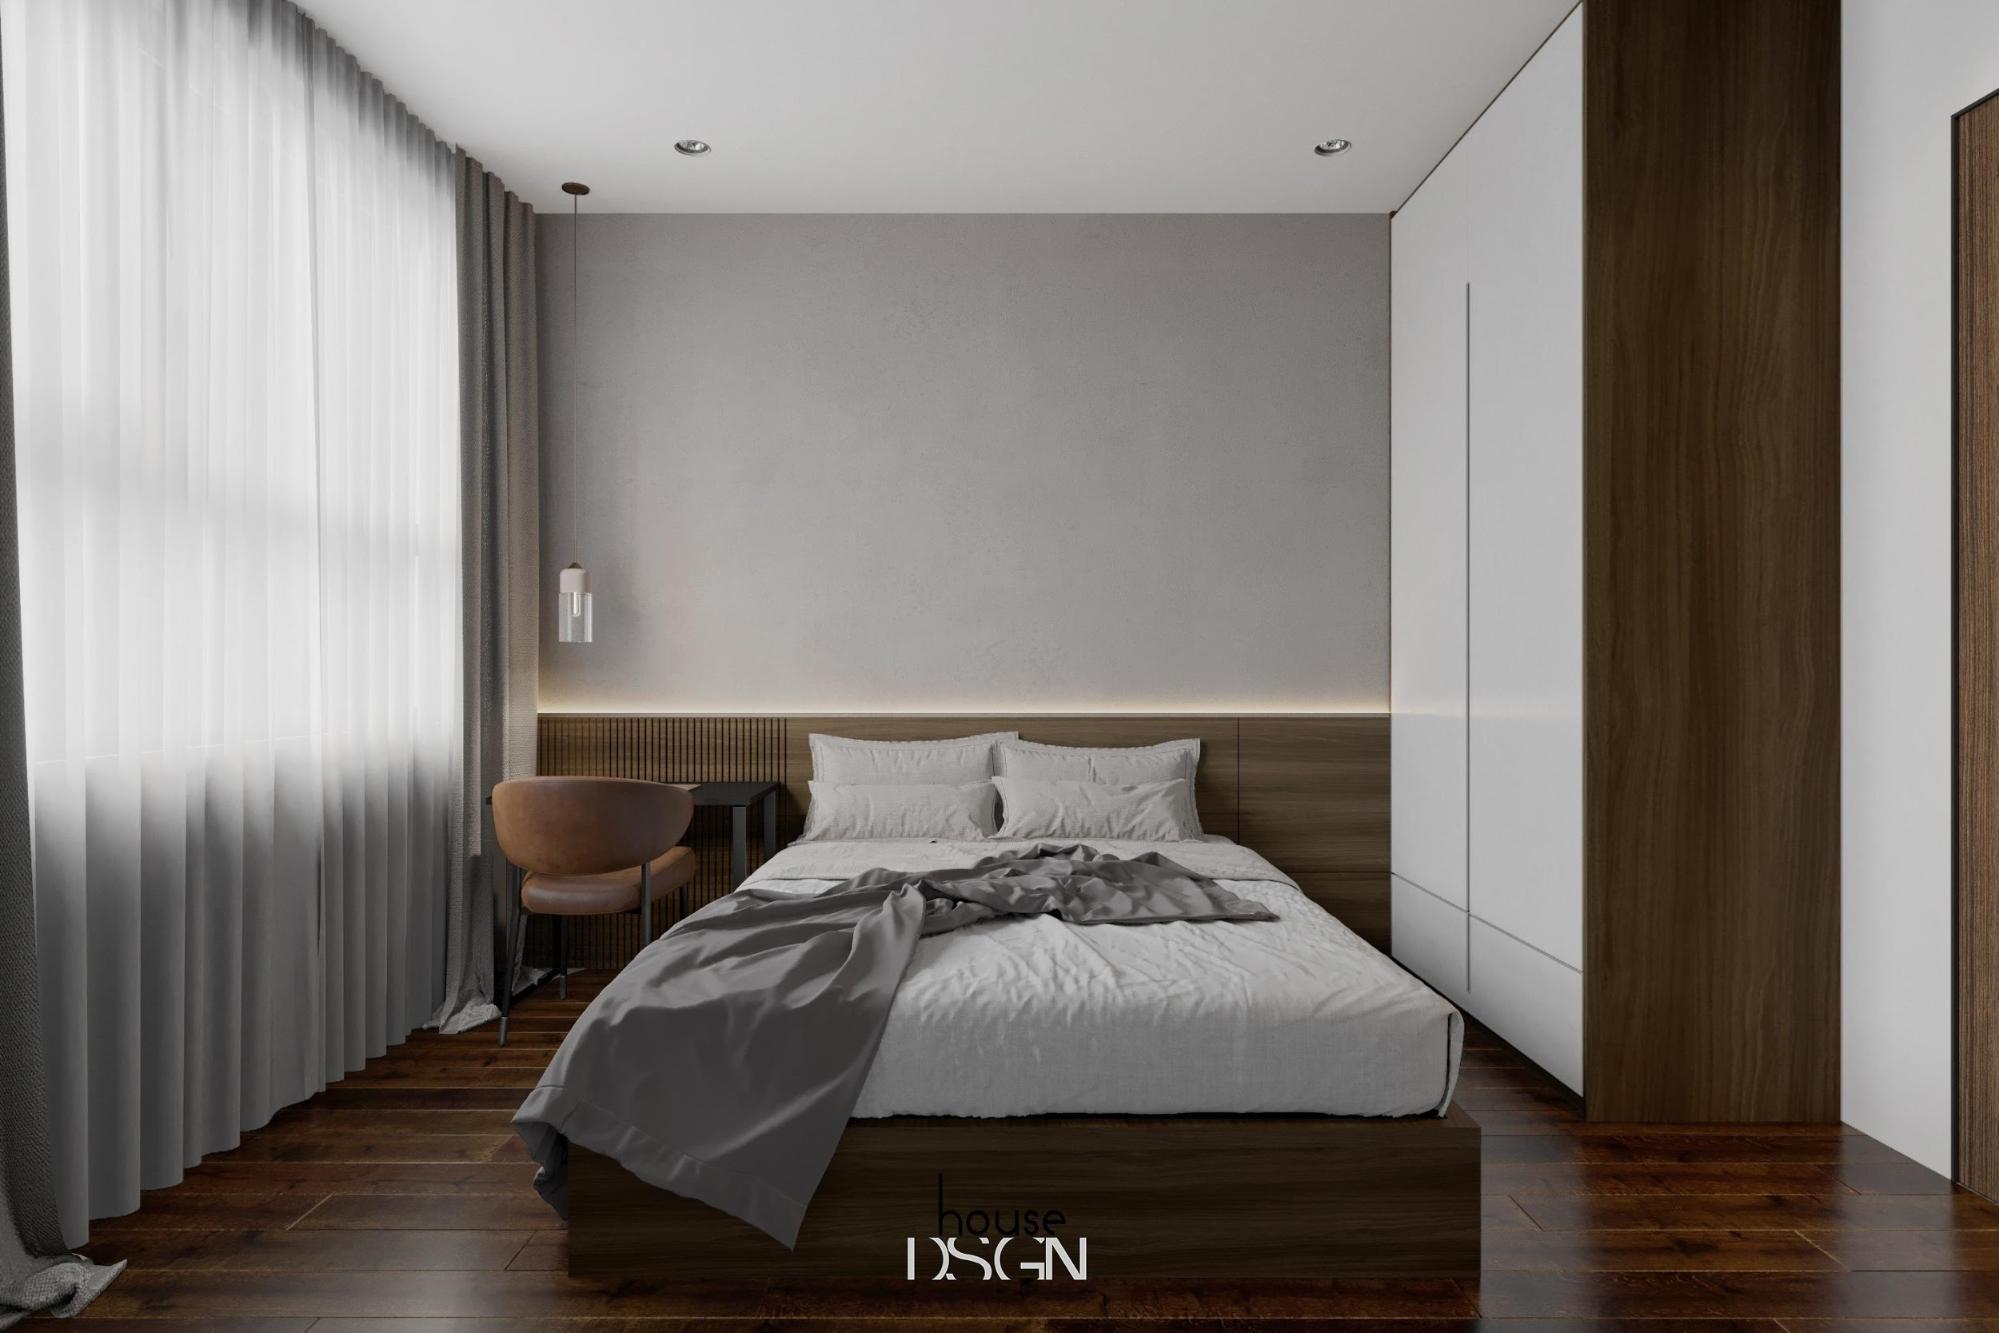 thiết kế phòng ngủ theo phong cách nội thất đương đại